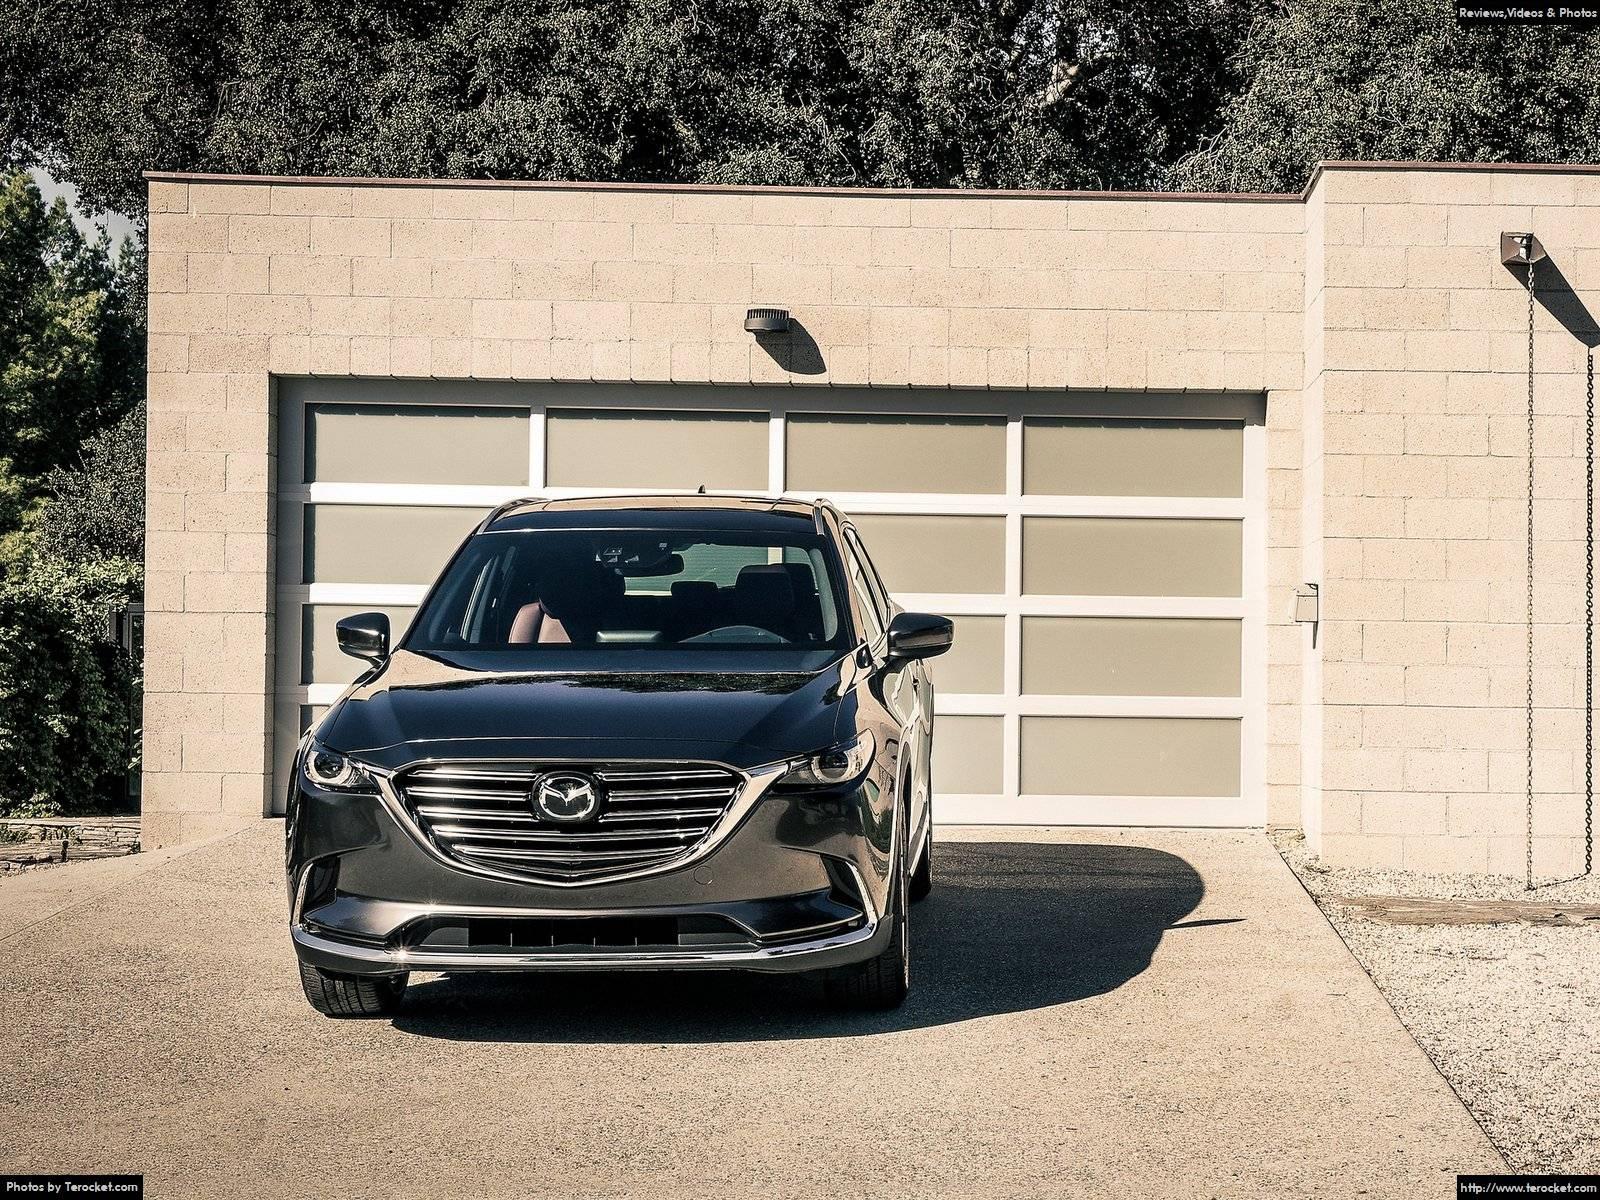 Hình ảnh xe ô tô Mazda CX-9 2016 & nội ngoại thất